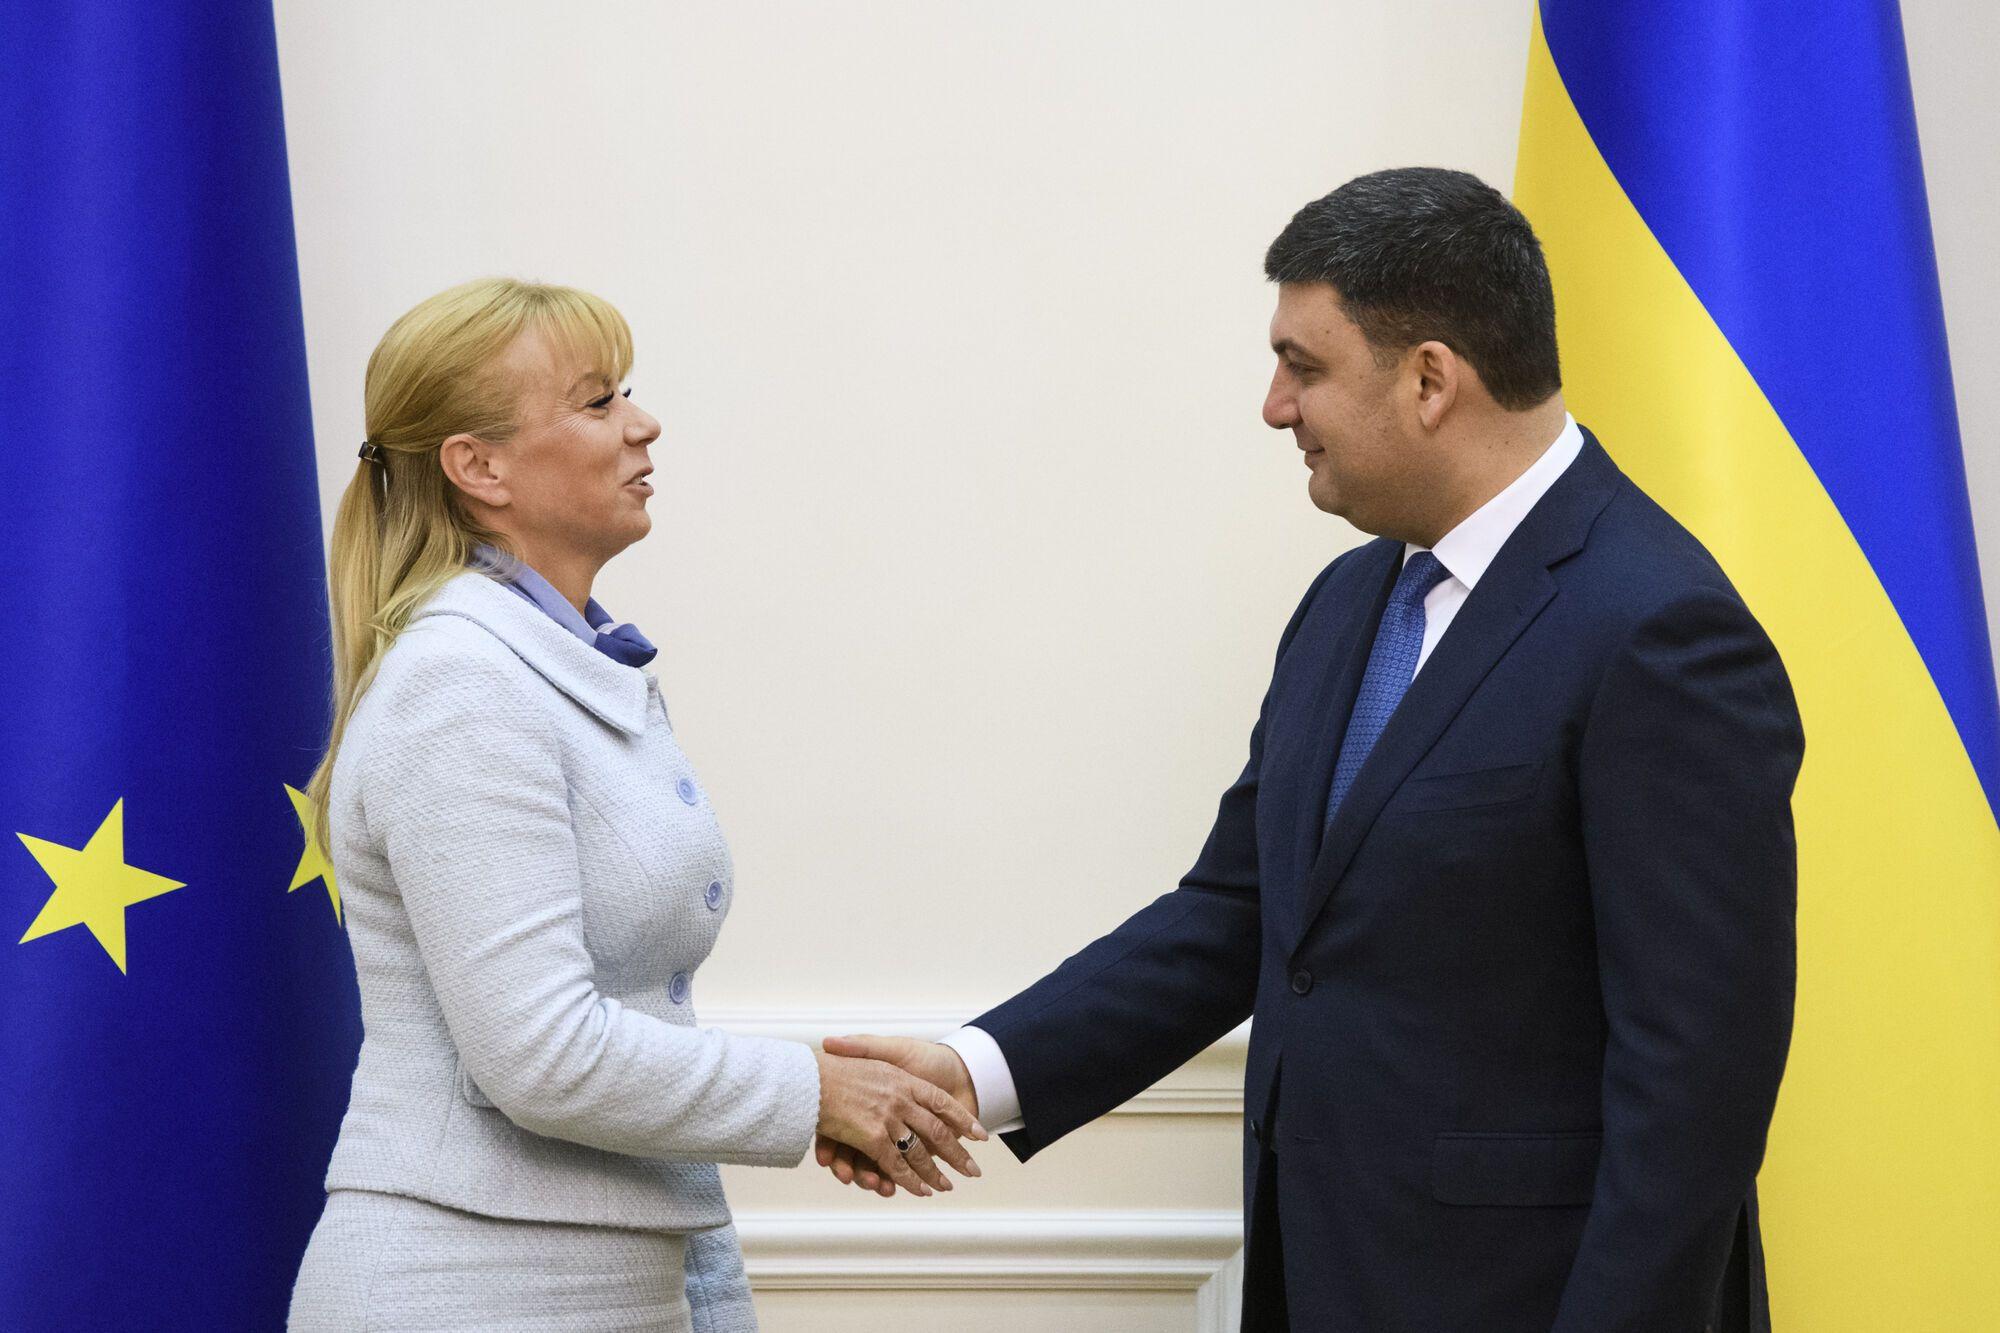 Эльжбета Беньковска и Владимир Гройсман